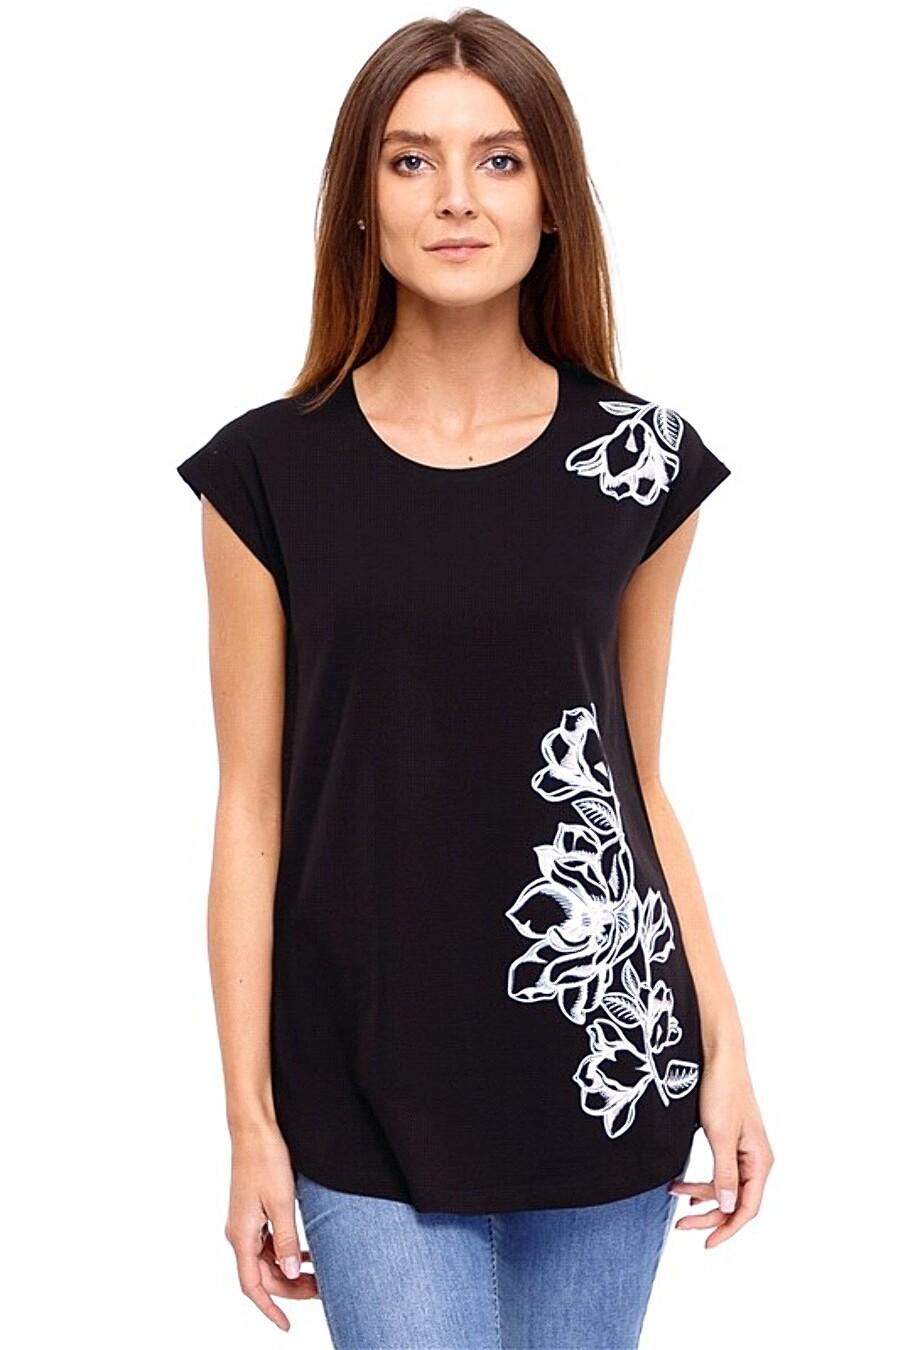 Футболка для женщин Archi 239146 купить оптом от производителя. Совместная покупка женской одежды в OptMoyo